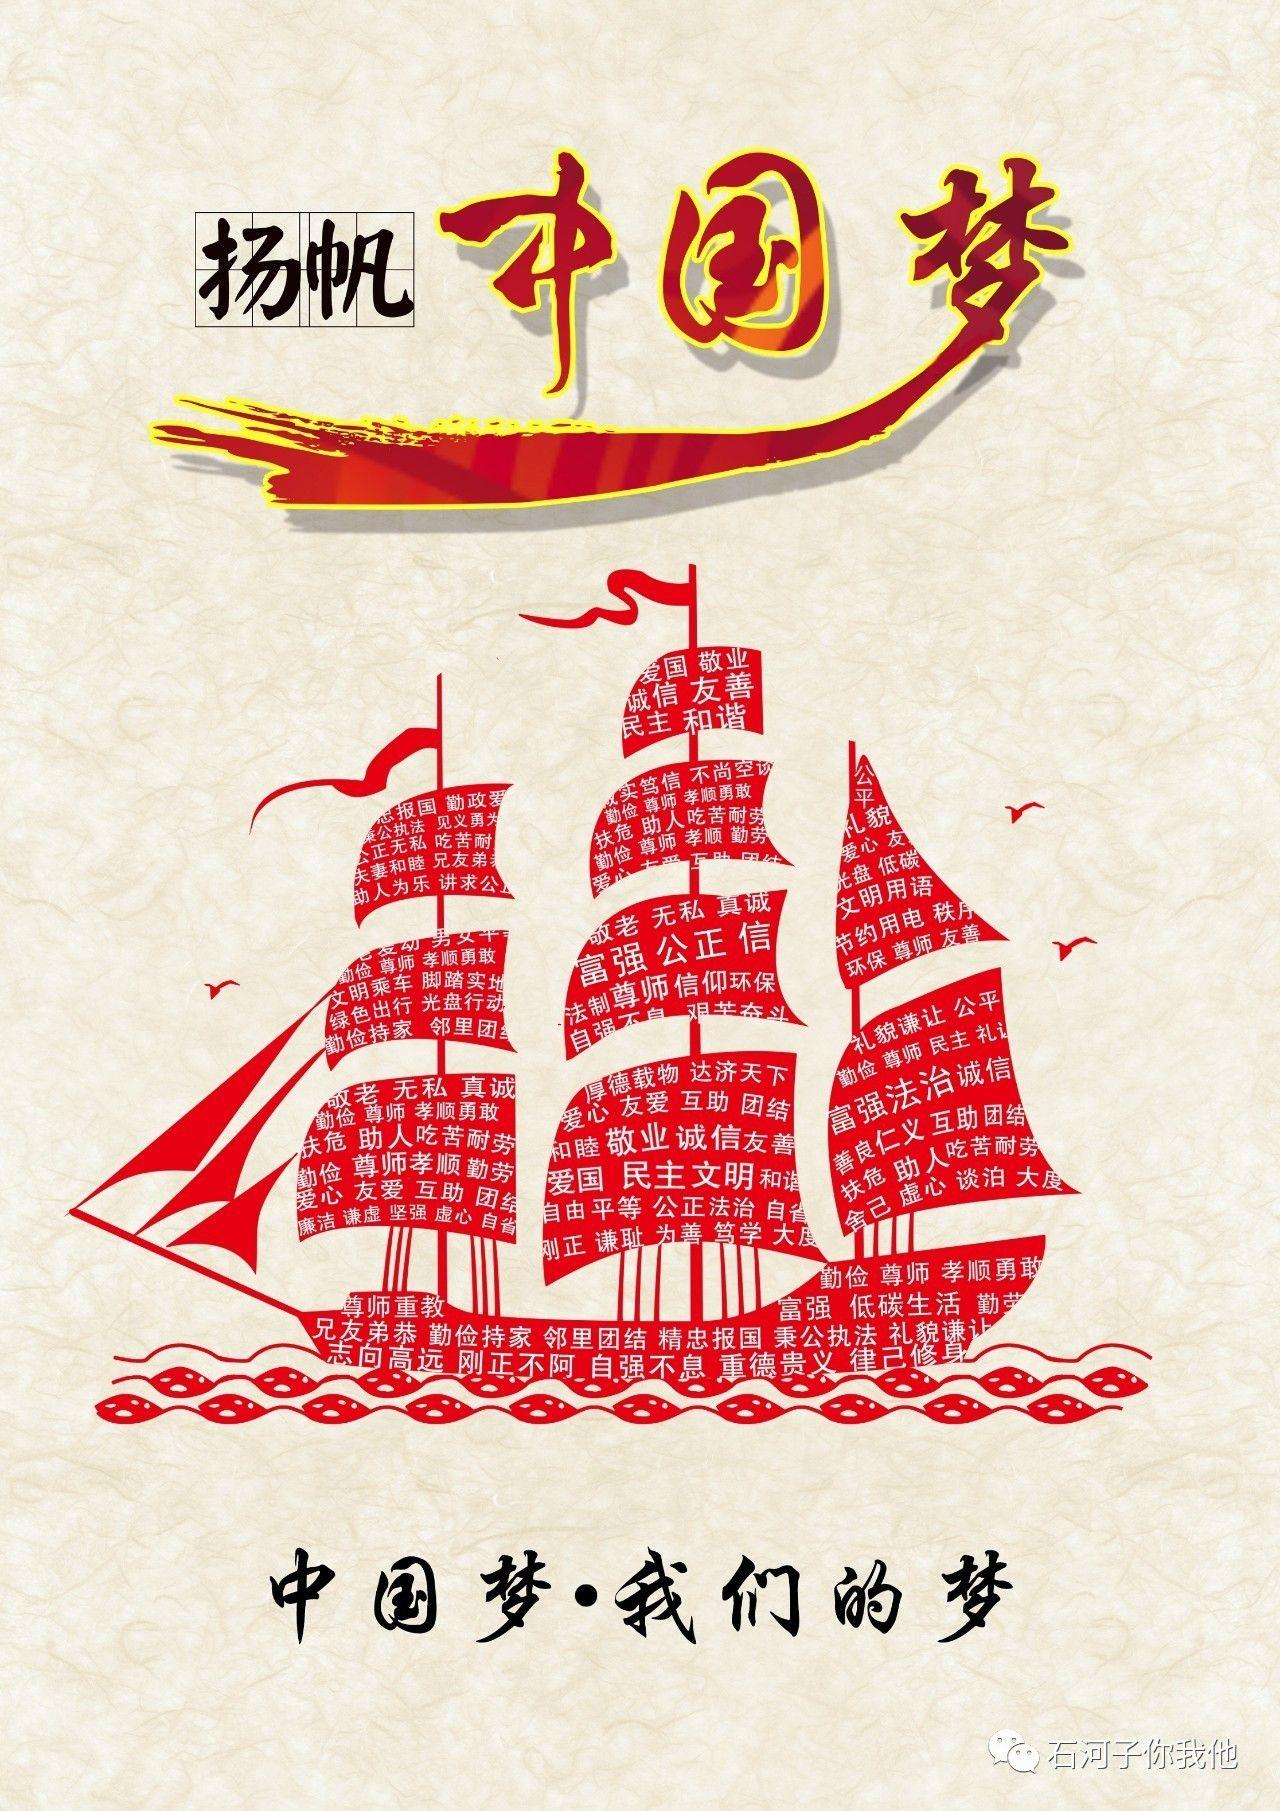 《扬帆中国梦》